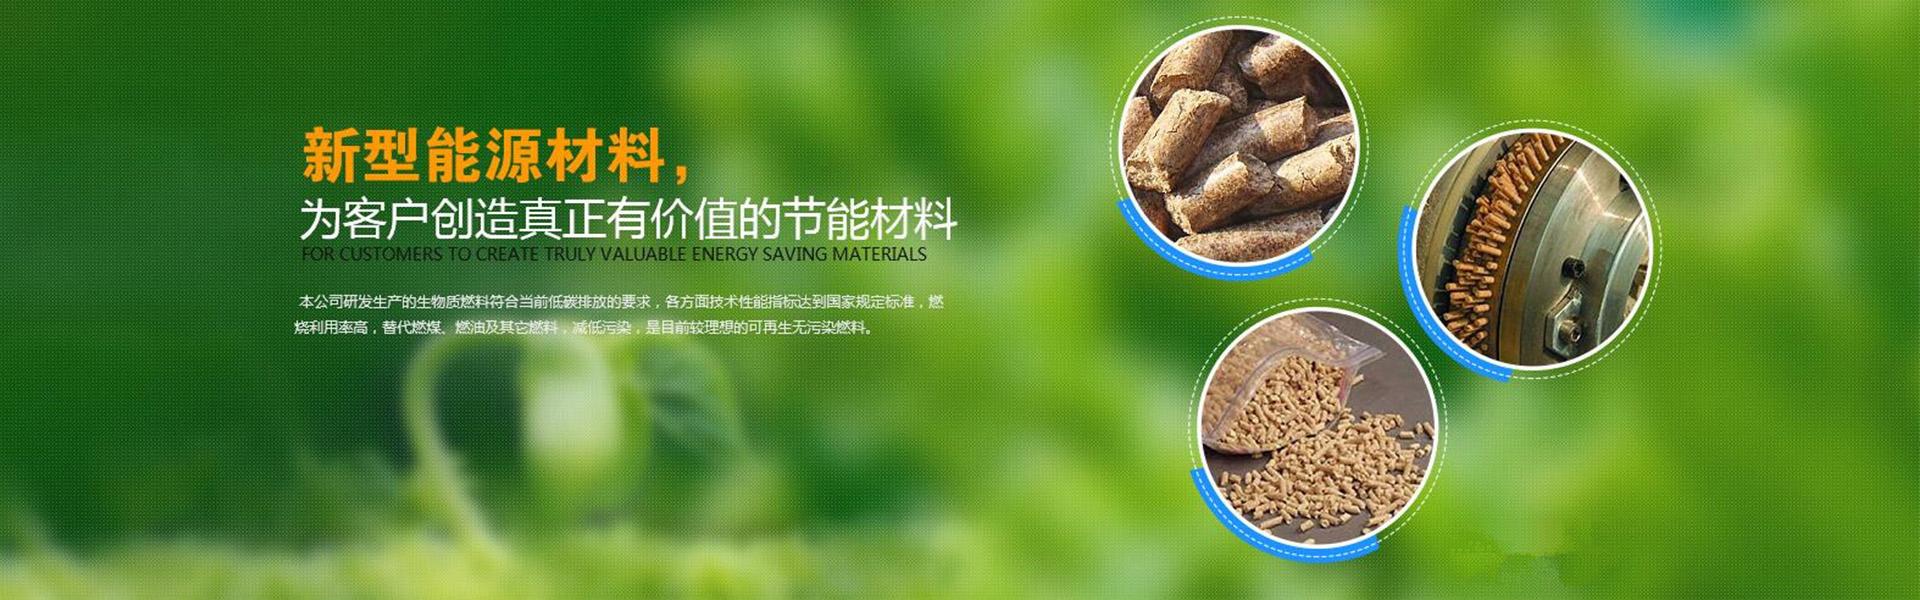 贵州生物燃料